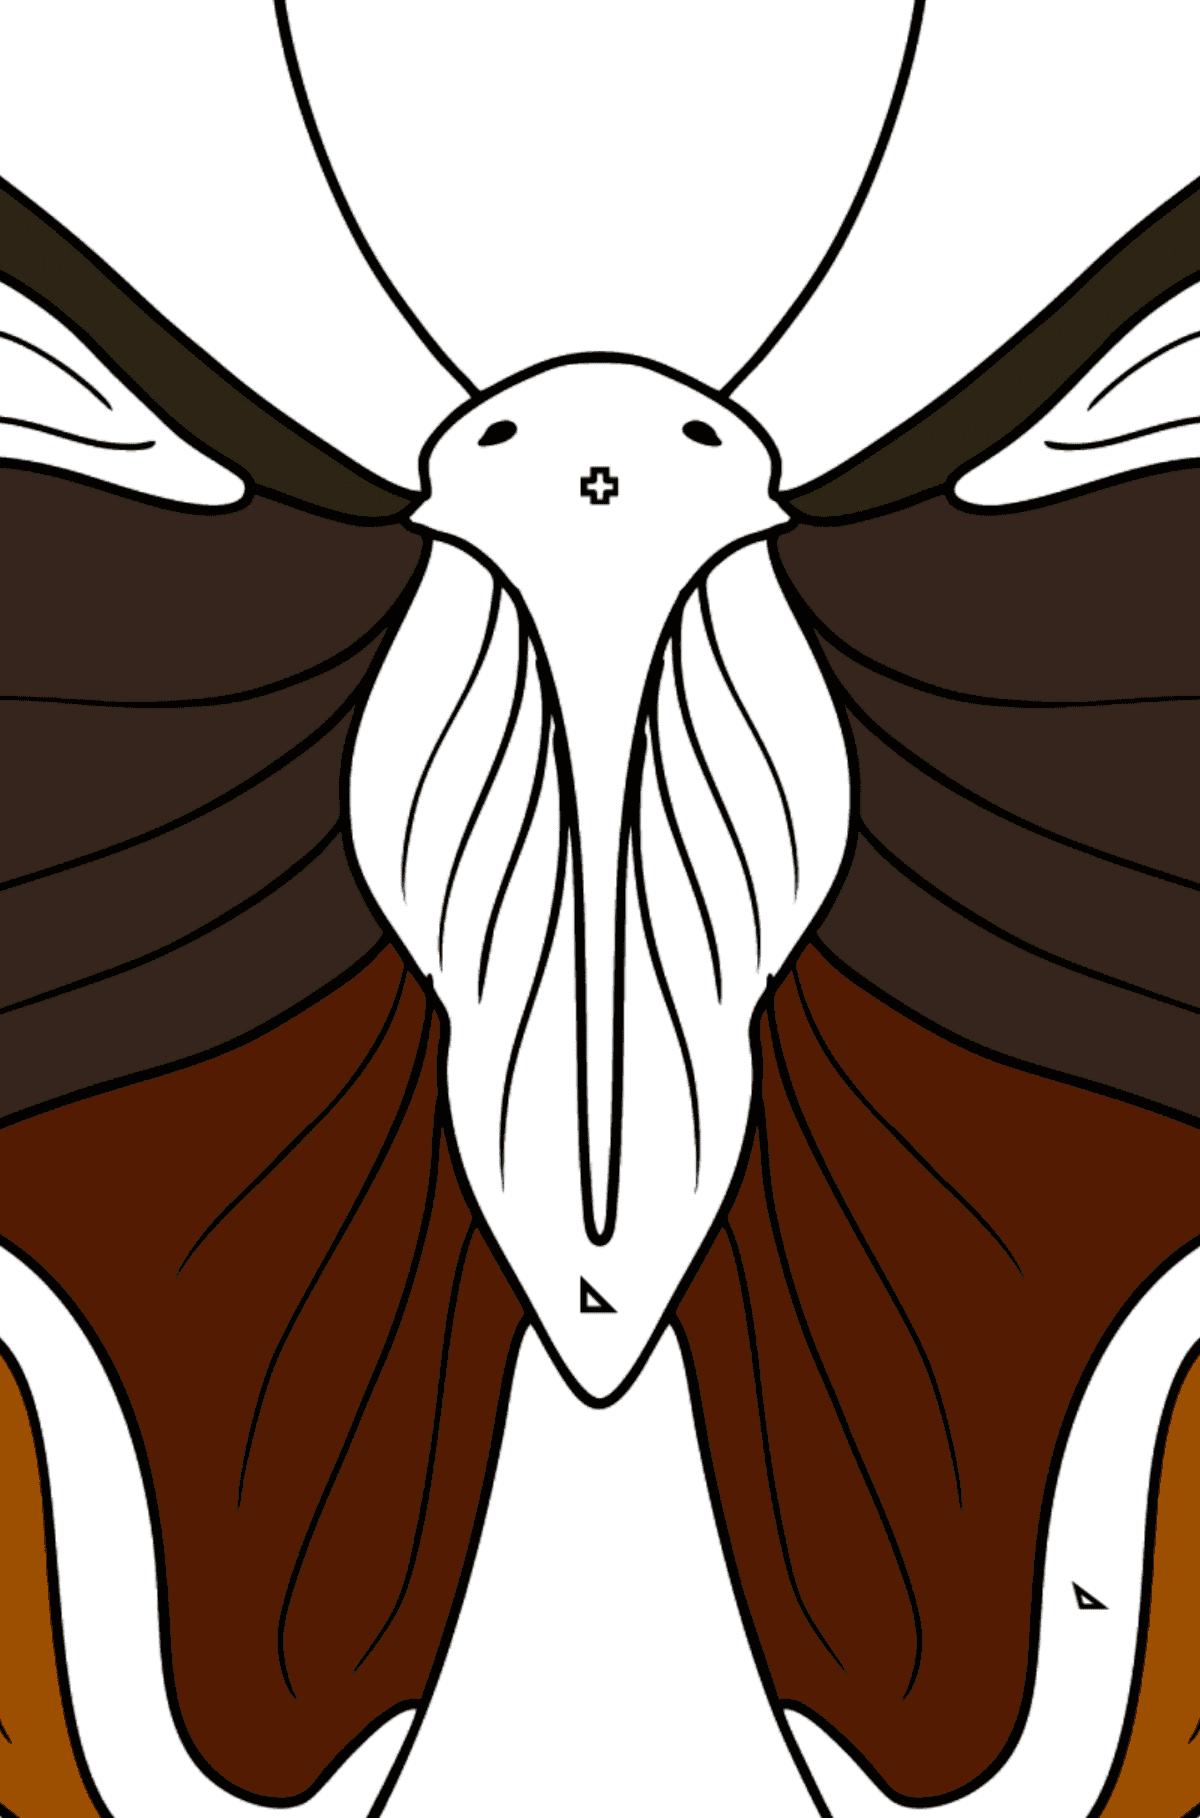 Раскраска бабочка адмирал - Раскраска по Геометрическим Фигурам для Детей